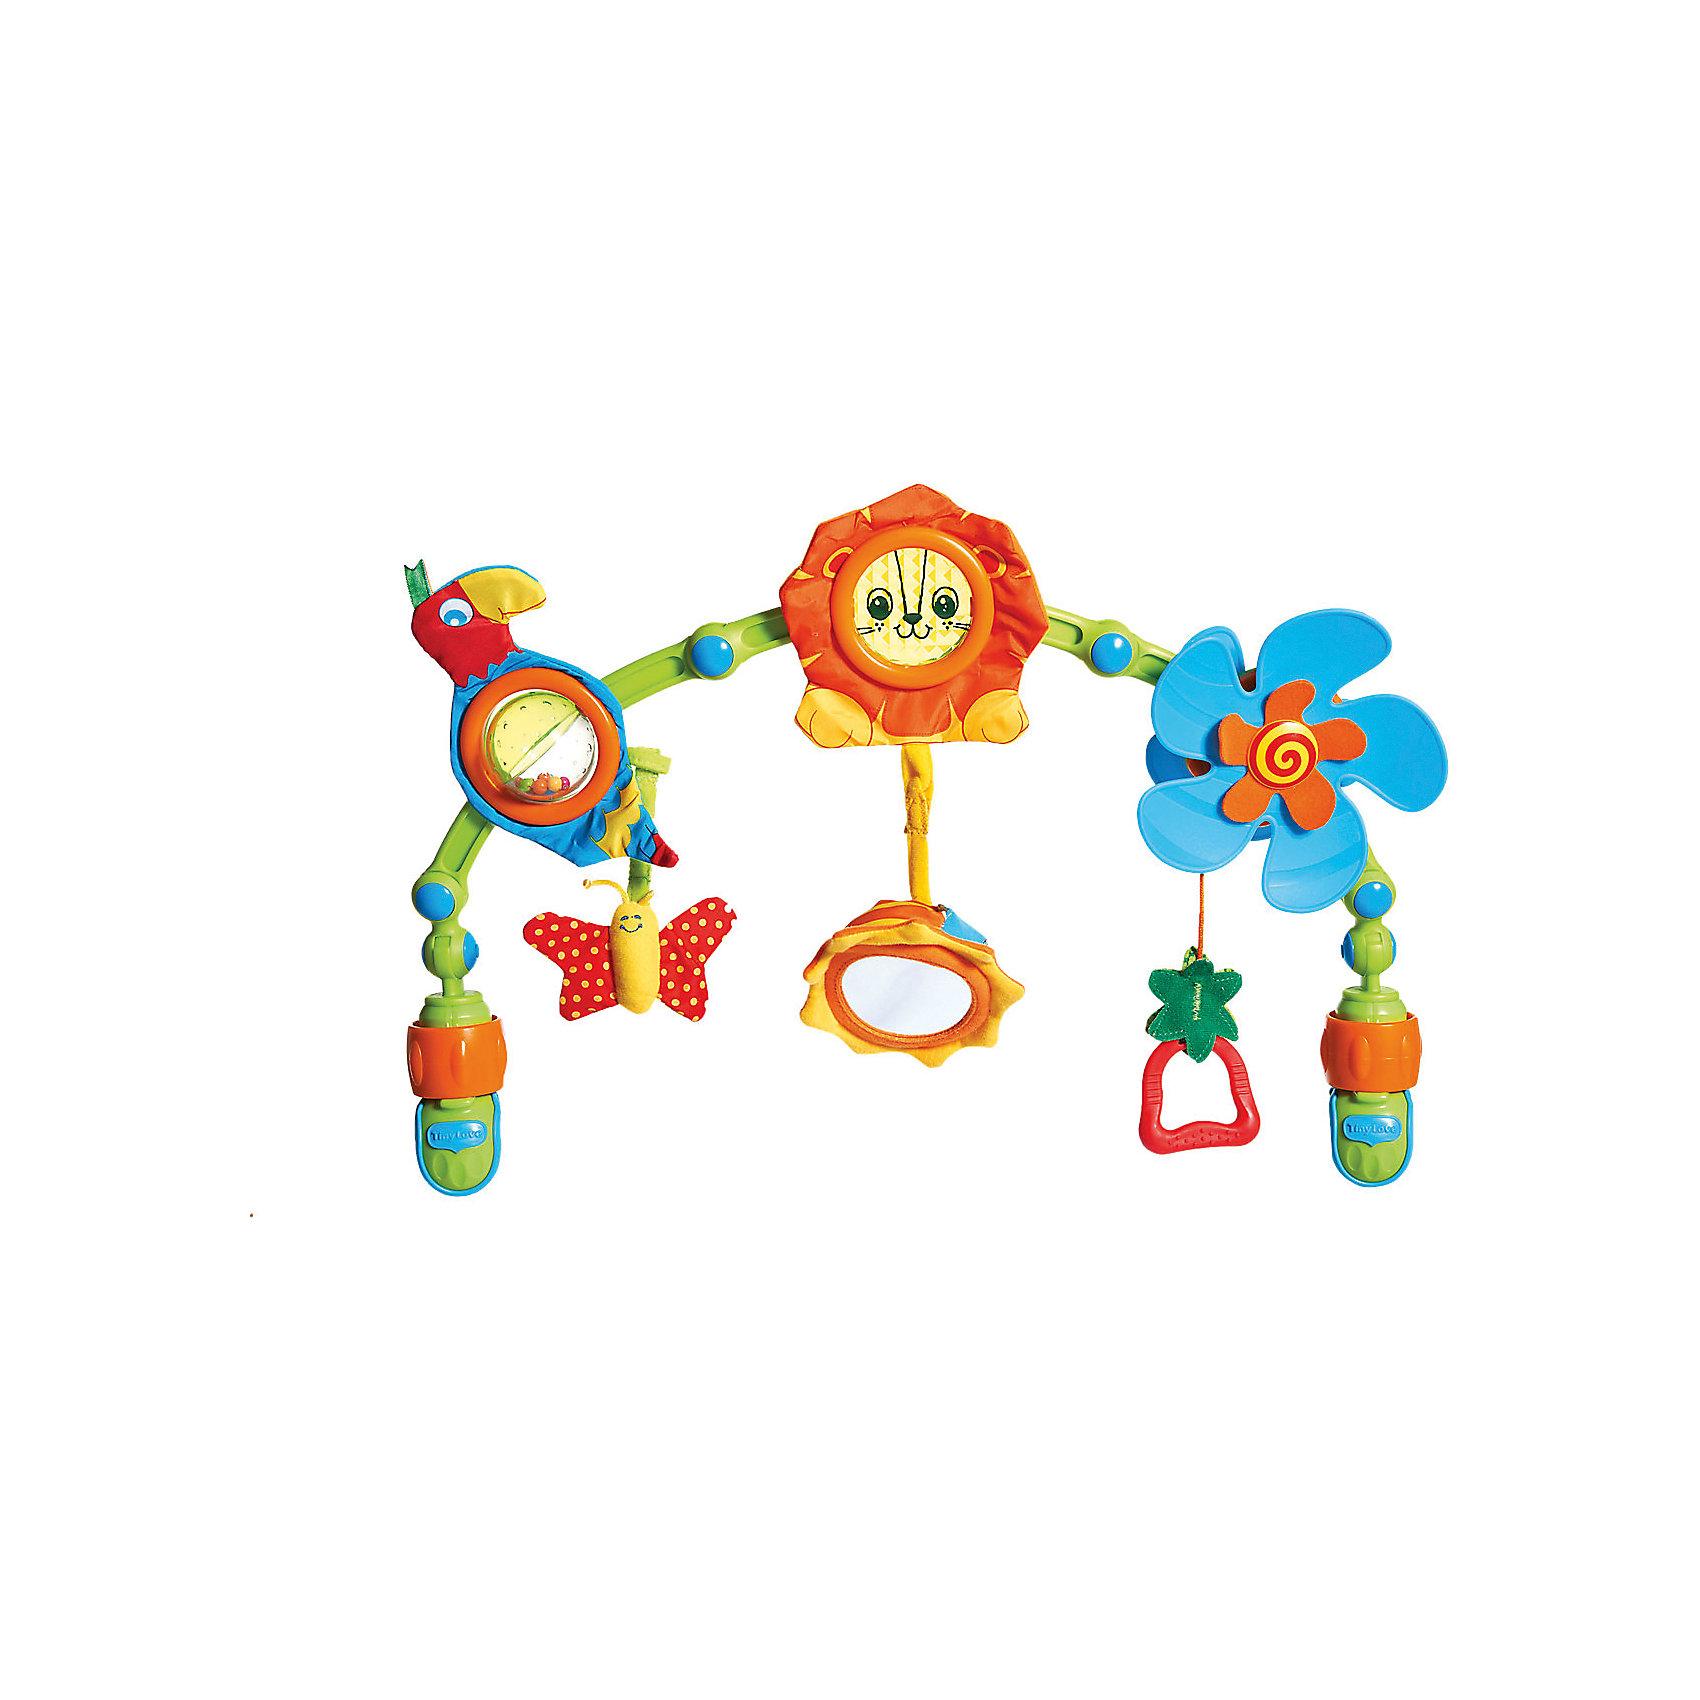 Дуга-трансформер Музыкальные джунгли, Tiny LoveДуги и растяжки<br>Дуга-трансформер «Музыкальные джунгли» со звуком, с универсальным креплением в виде пластиковых клипс (зажимы с фиксаторами) станет прекрасным спутником новорожденного малыша.<br><br>Роликовая дуга имеет изгиб, на ней подвешены игрушки и интерактивные элементы:<br> - Игрушка в виде пластикого пропеллера с кольцом, когда ребенок дергает за кольцо – пропеллер крутится. <br>- Мягкая игрушка попугай с шуршащими элементами, брюшко которого сделано в виде пластикого крутящего шарика-погремушки. <br>К попугаю крепится мягкая бабочка с шуршащими крылышками.<br> - В центре дуги трансформер игрушка с прозрачной призмой в виде львенка с шуршащей гривой. <br>- К львенку крепится мягкий подсолнух с шуршащими лепестками и безопасным зеркалом.<br>Если дернуть за подсолнух, звучит мелодия.<br><br>Игрушки на липучках, поэтому их можно крепить к развивающему коврику, кроватке, переноске, манежу, коляске или дать ребенку в руки для развития тактильных ощущений и мелкой моторики.<br><br>Дополнительная информация:<br> <br>- Для работы необходимы батарейки LR44 х 3шт. – есть в комплекте.<br>- Материал: текстиль, пластик, металл. <br>- Размер дуги: 48 х 30 х 7 см. <br>- Диаметр львенка: 12 см. <br>- Размер солнышка: 10х10х4 см. <br>- Размер попугайчика: 16,5х8,5х5 см. <br>- Диаметр пропеллера: 15 см. <br>- Размер упаковки: 50х31х7 см. <br><br>Дугу-трансформер Музыкальные джунгли, Tiny Love (Тини Лав) можно купить в нашем интернет - магазине.<br><br>Ширина мм: 505<br>Глубина мм: 315<br>Высота мм: 75<br>Вес г: 748<br>Возраст от месяцев: 0<br>Возраст до месяцев: 1164<br>Пол: Унисекс<br>Возраст: Детский<br>SKU: 1856282